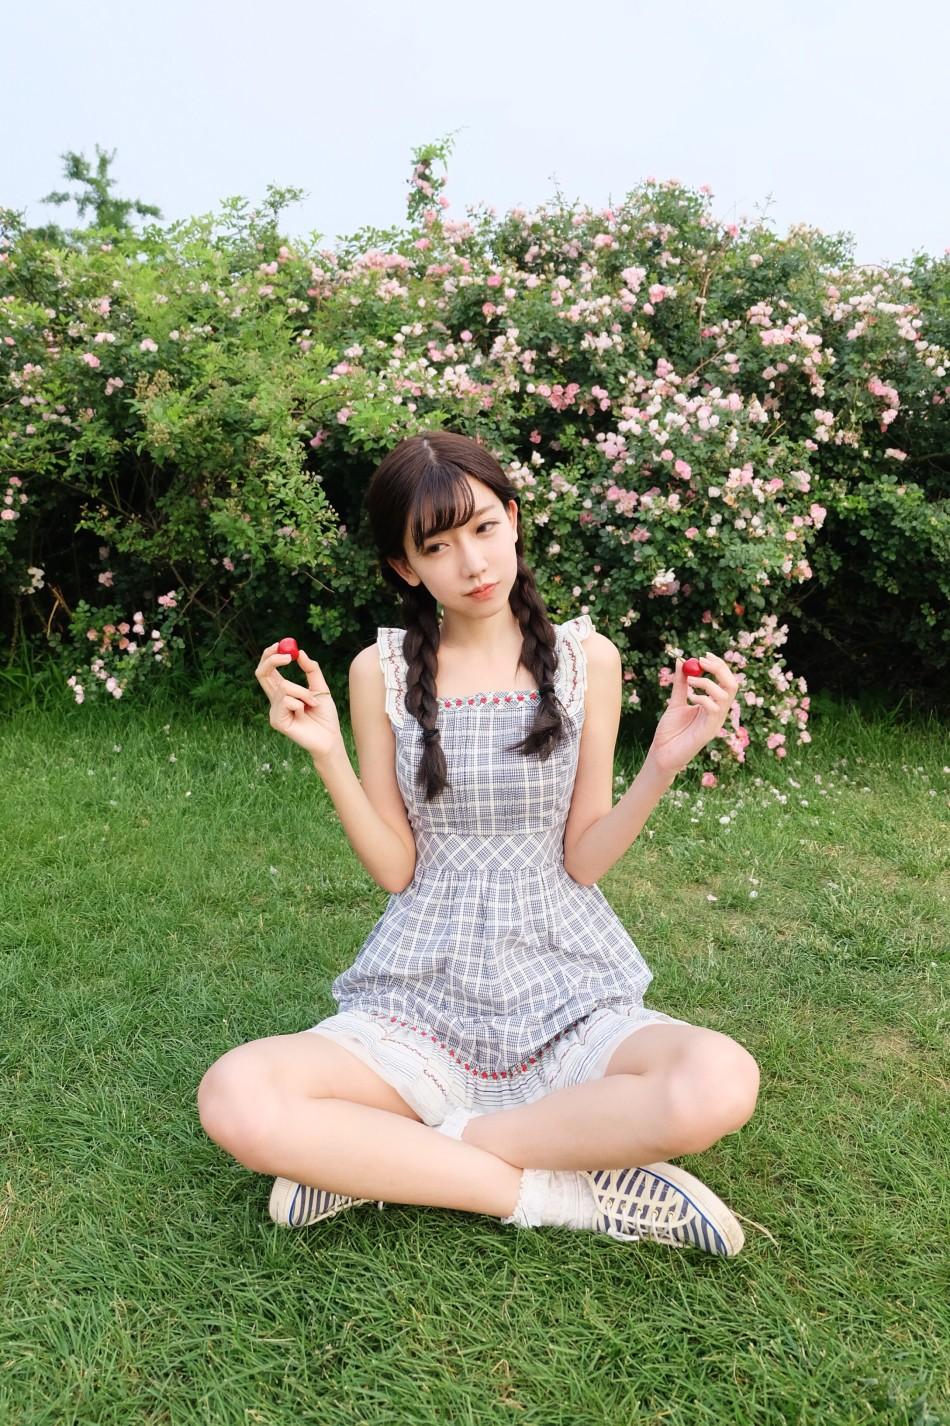 小林志玲代言游戏晒私照 网游:女神美死啦!